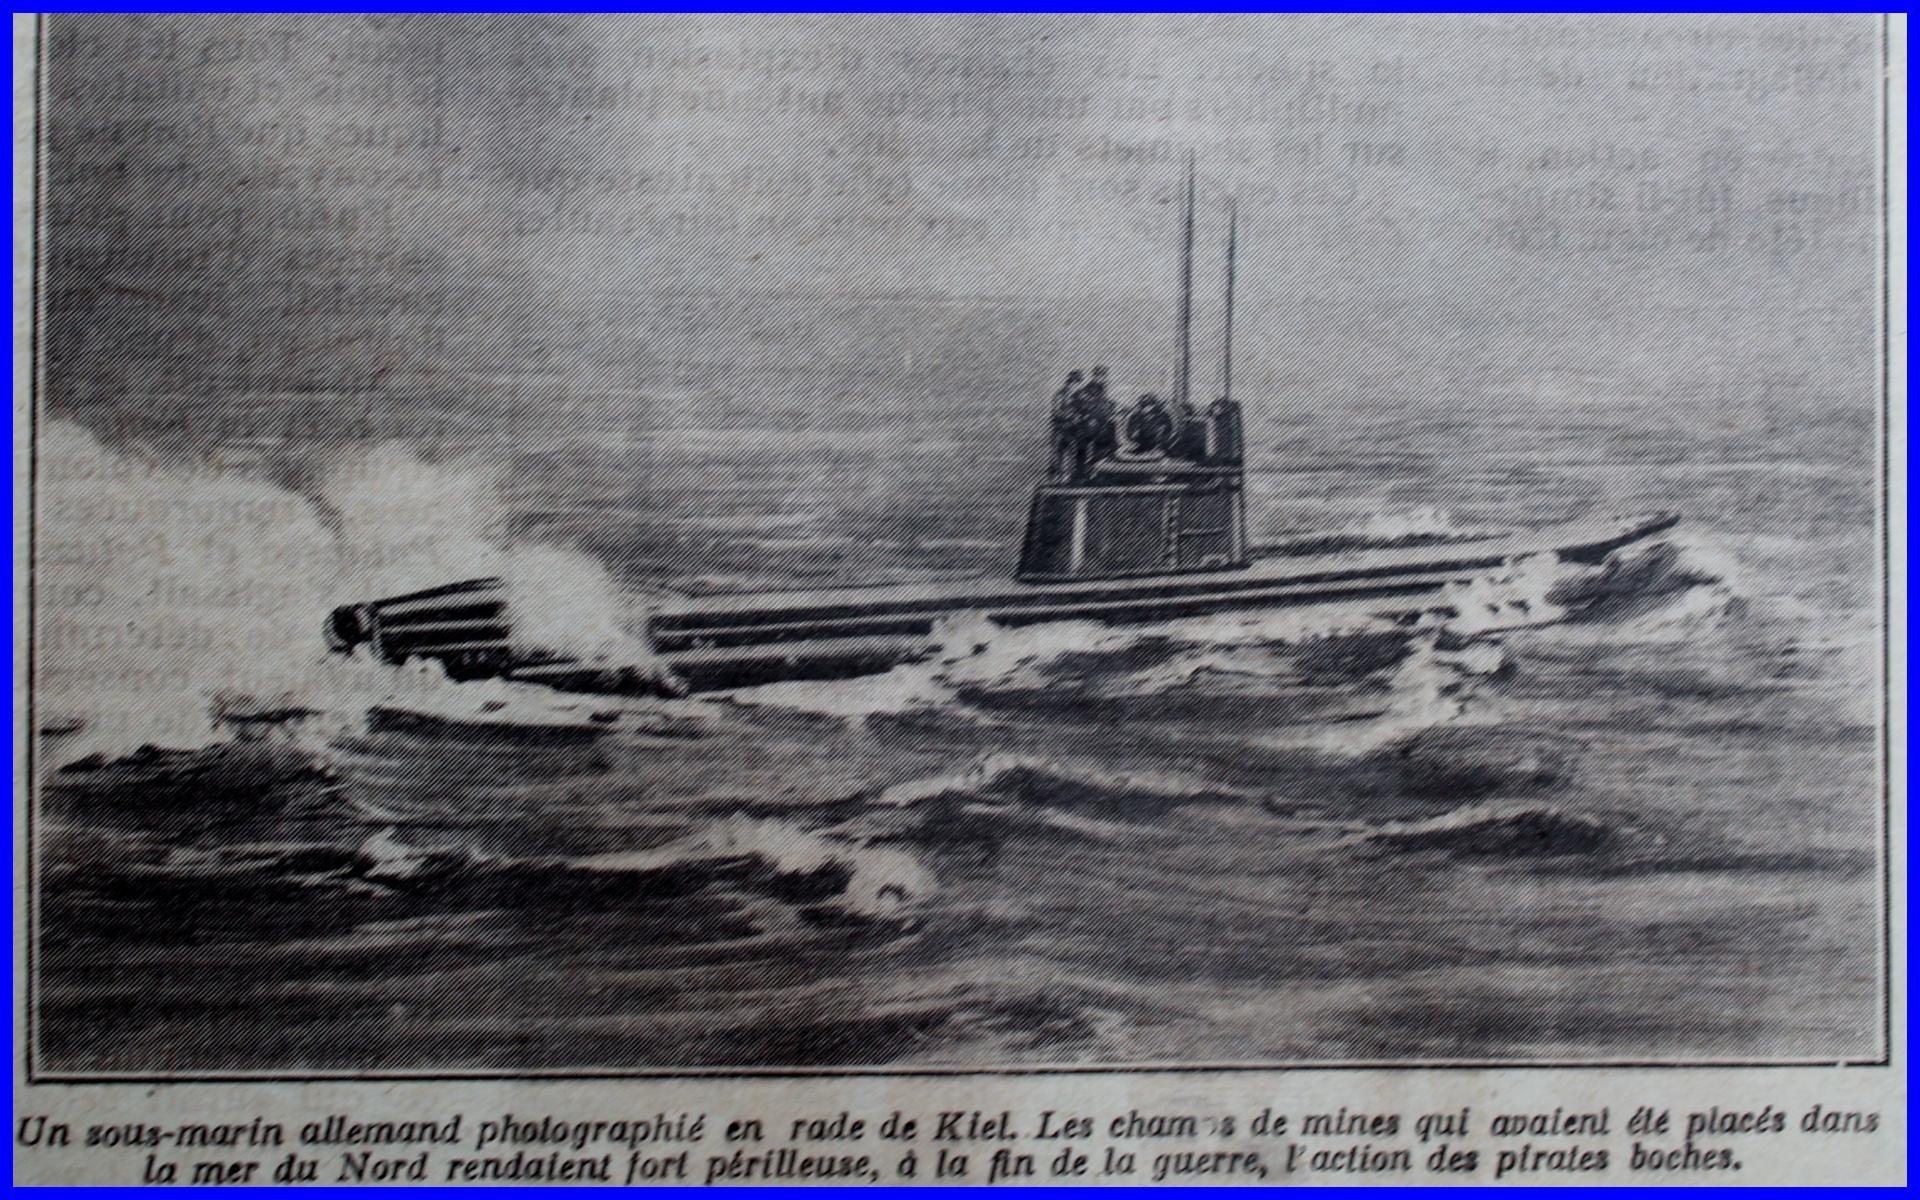 Calais 14 18 sous marin allemand parmi les champs de mines encadre